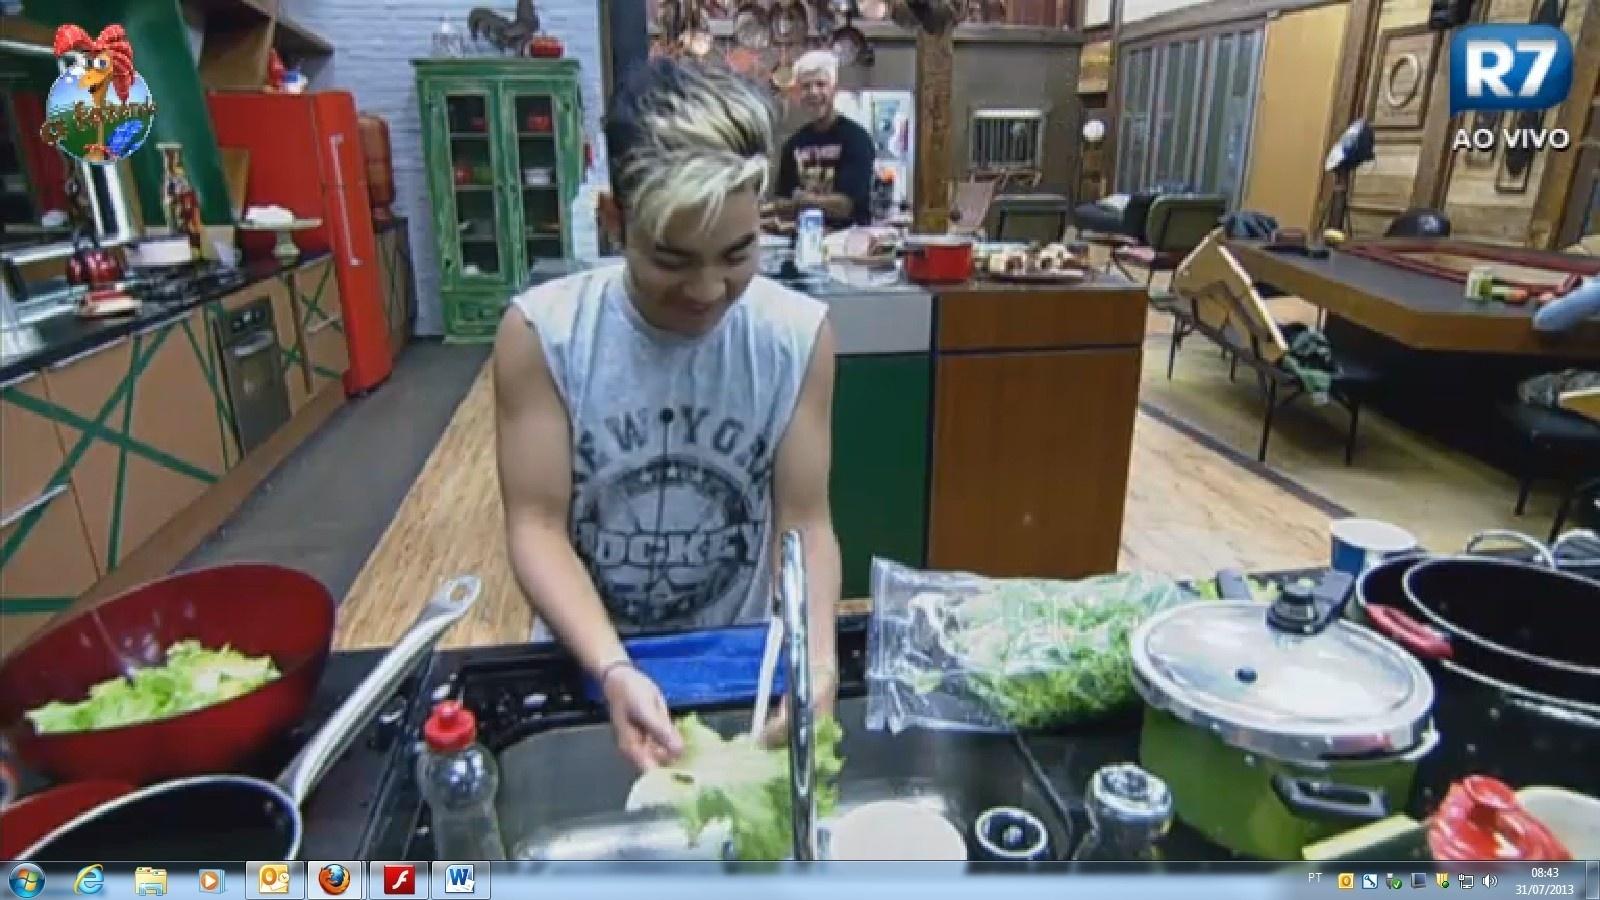 31.jul.2013 - Yudi ri depois de cair em brincadeira de peões e beber leite de cabra sem ferver